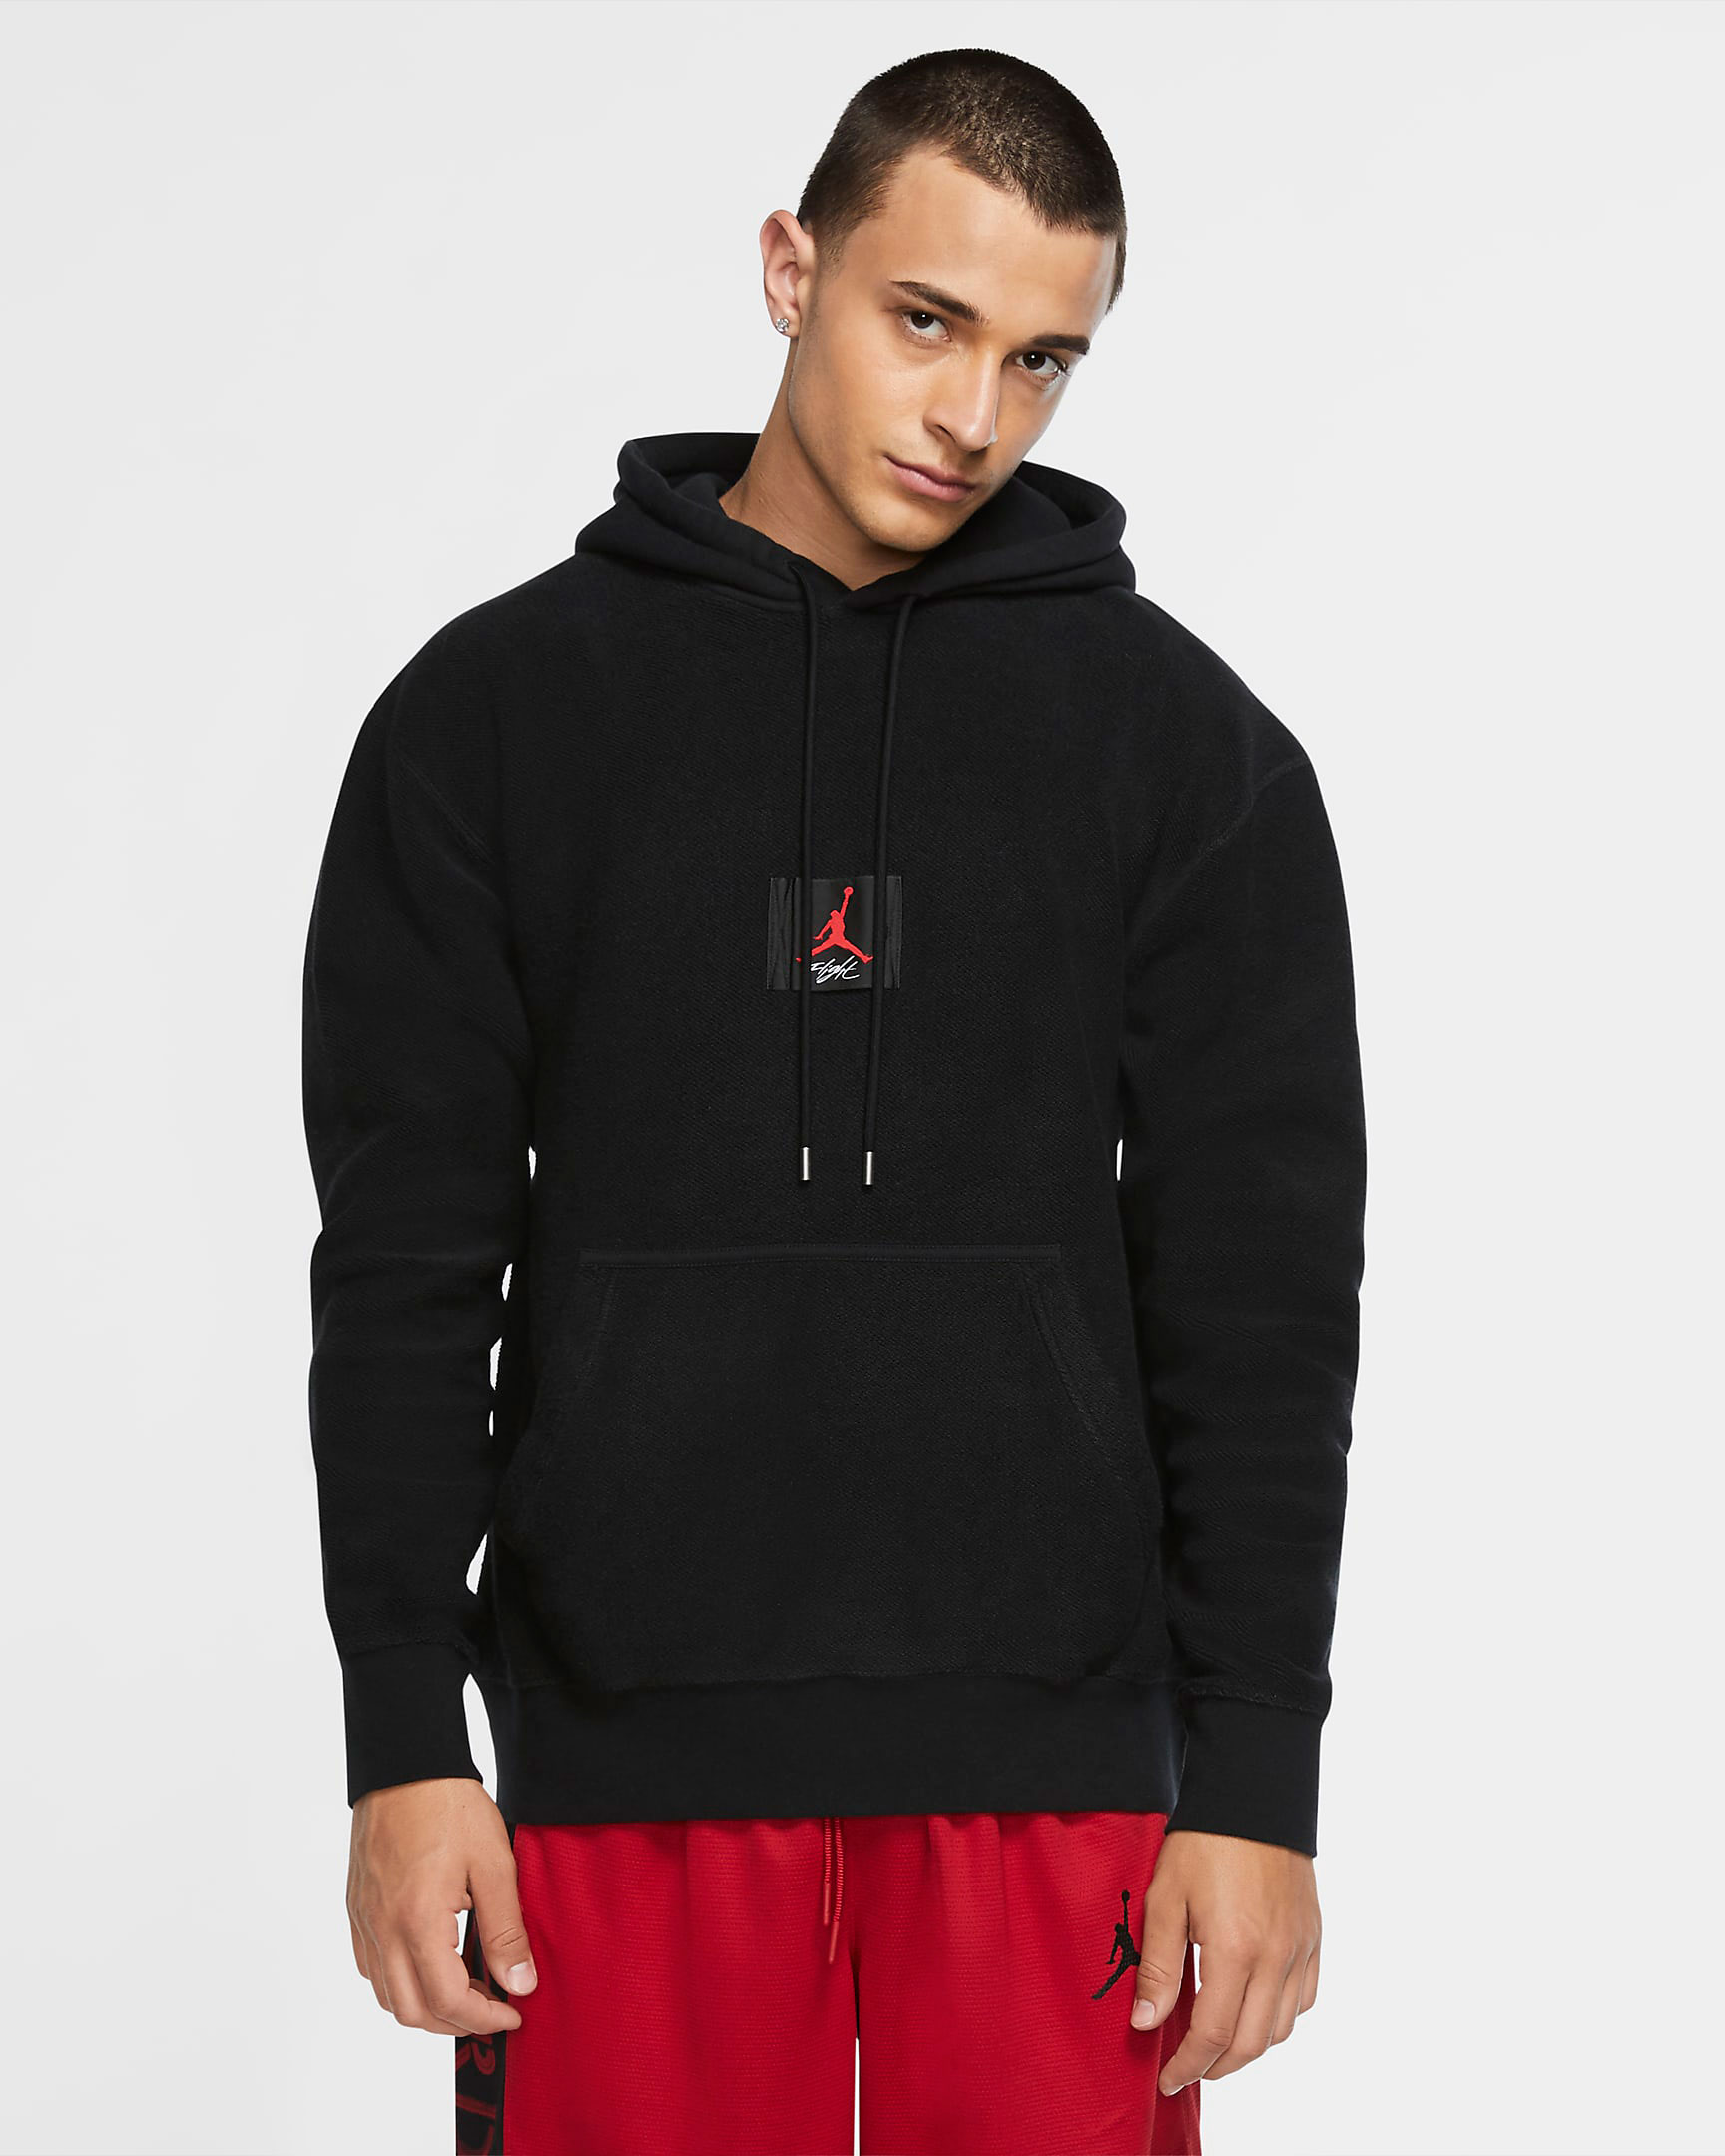 jordan-flight-hoodie-black-red-fall-2020-1